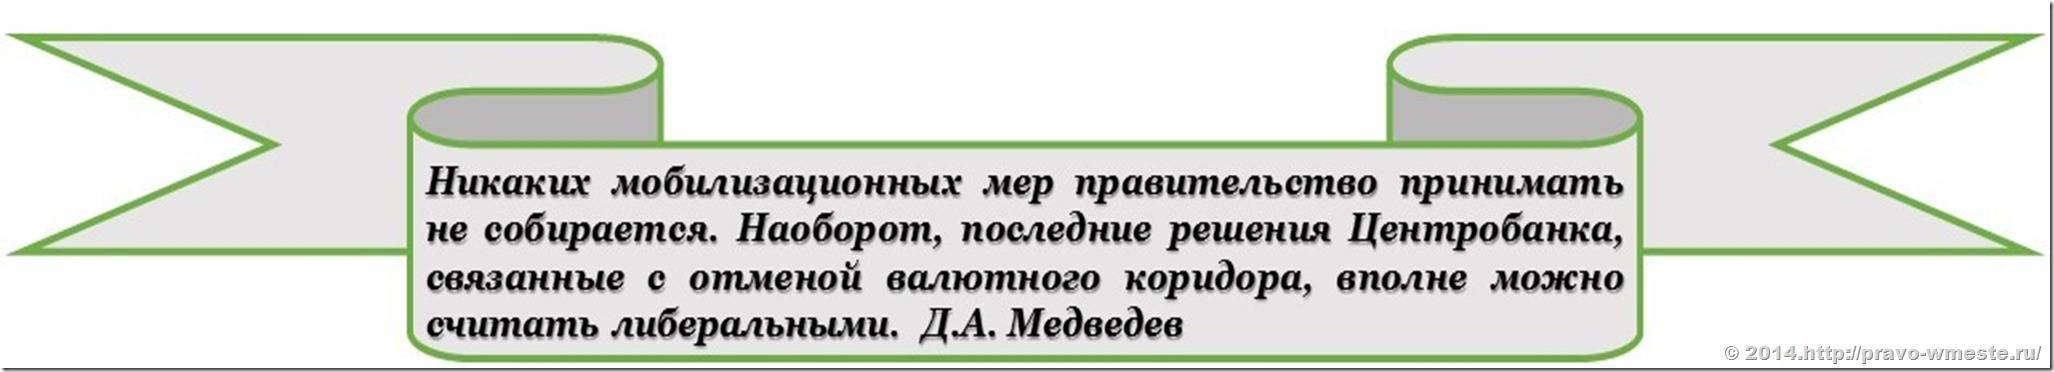 Медведев о мобилизационных мерах